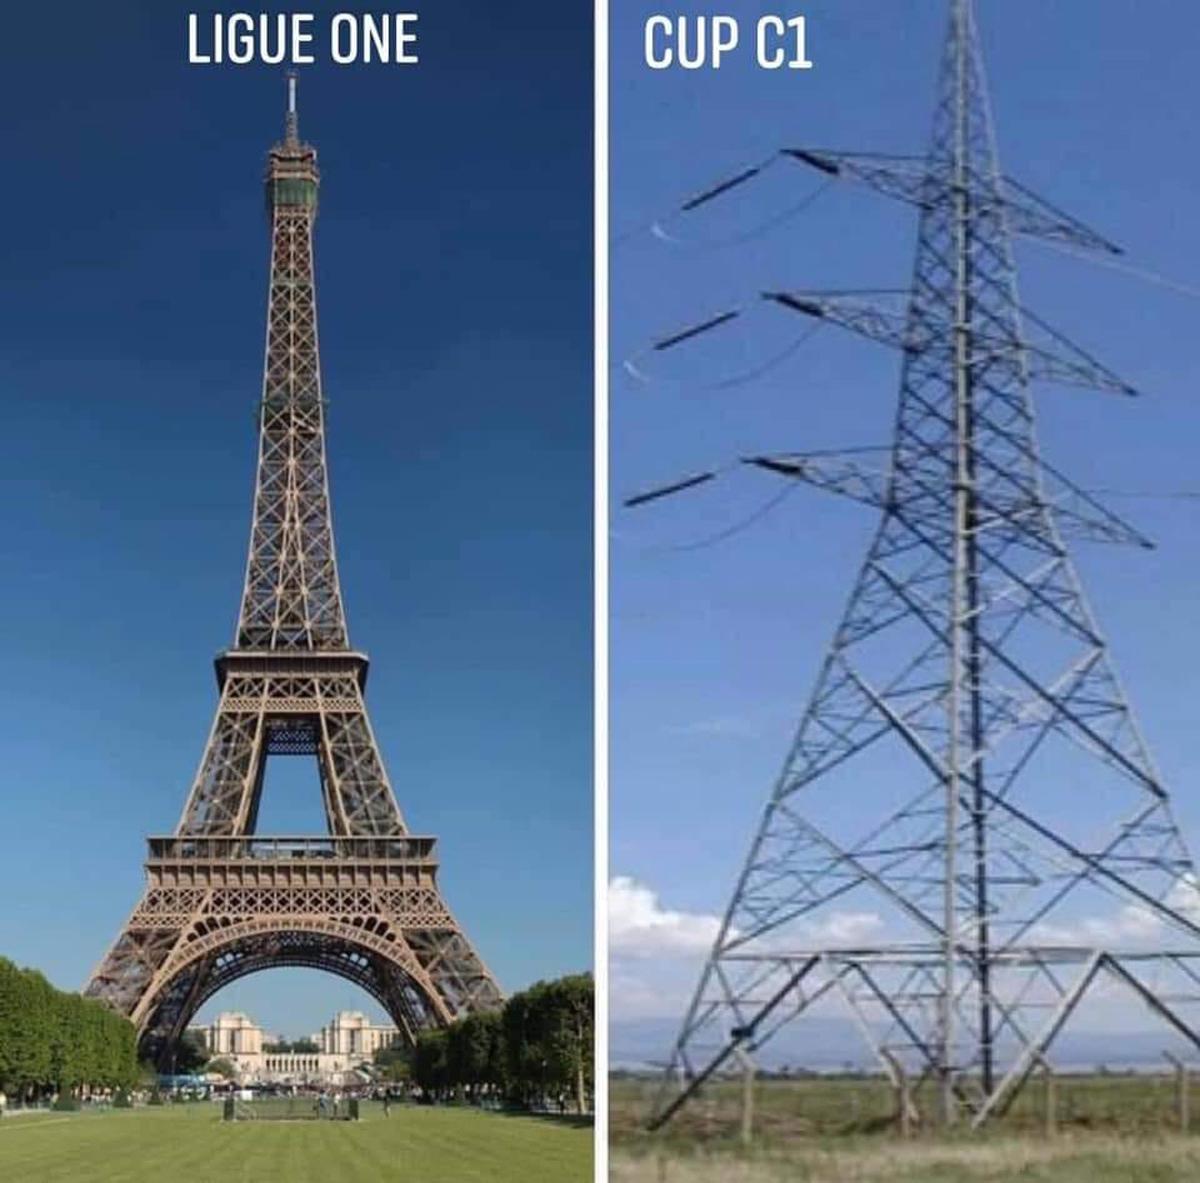 Hình ảnh trái ngược của PSG tại Ligue 1 và Cup C1.